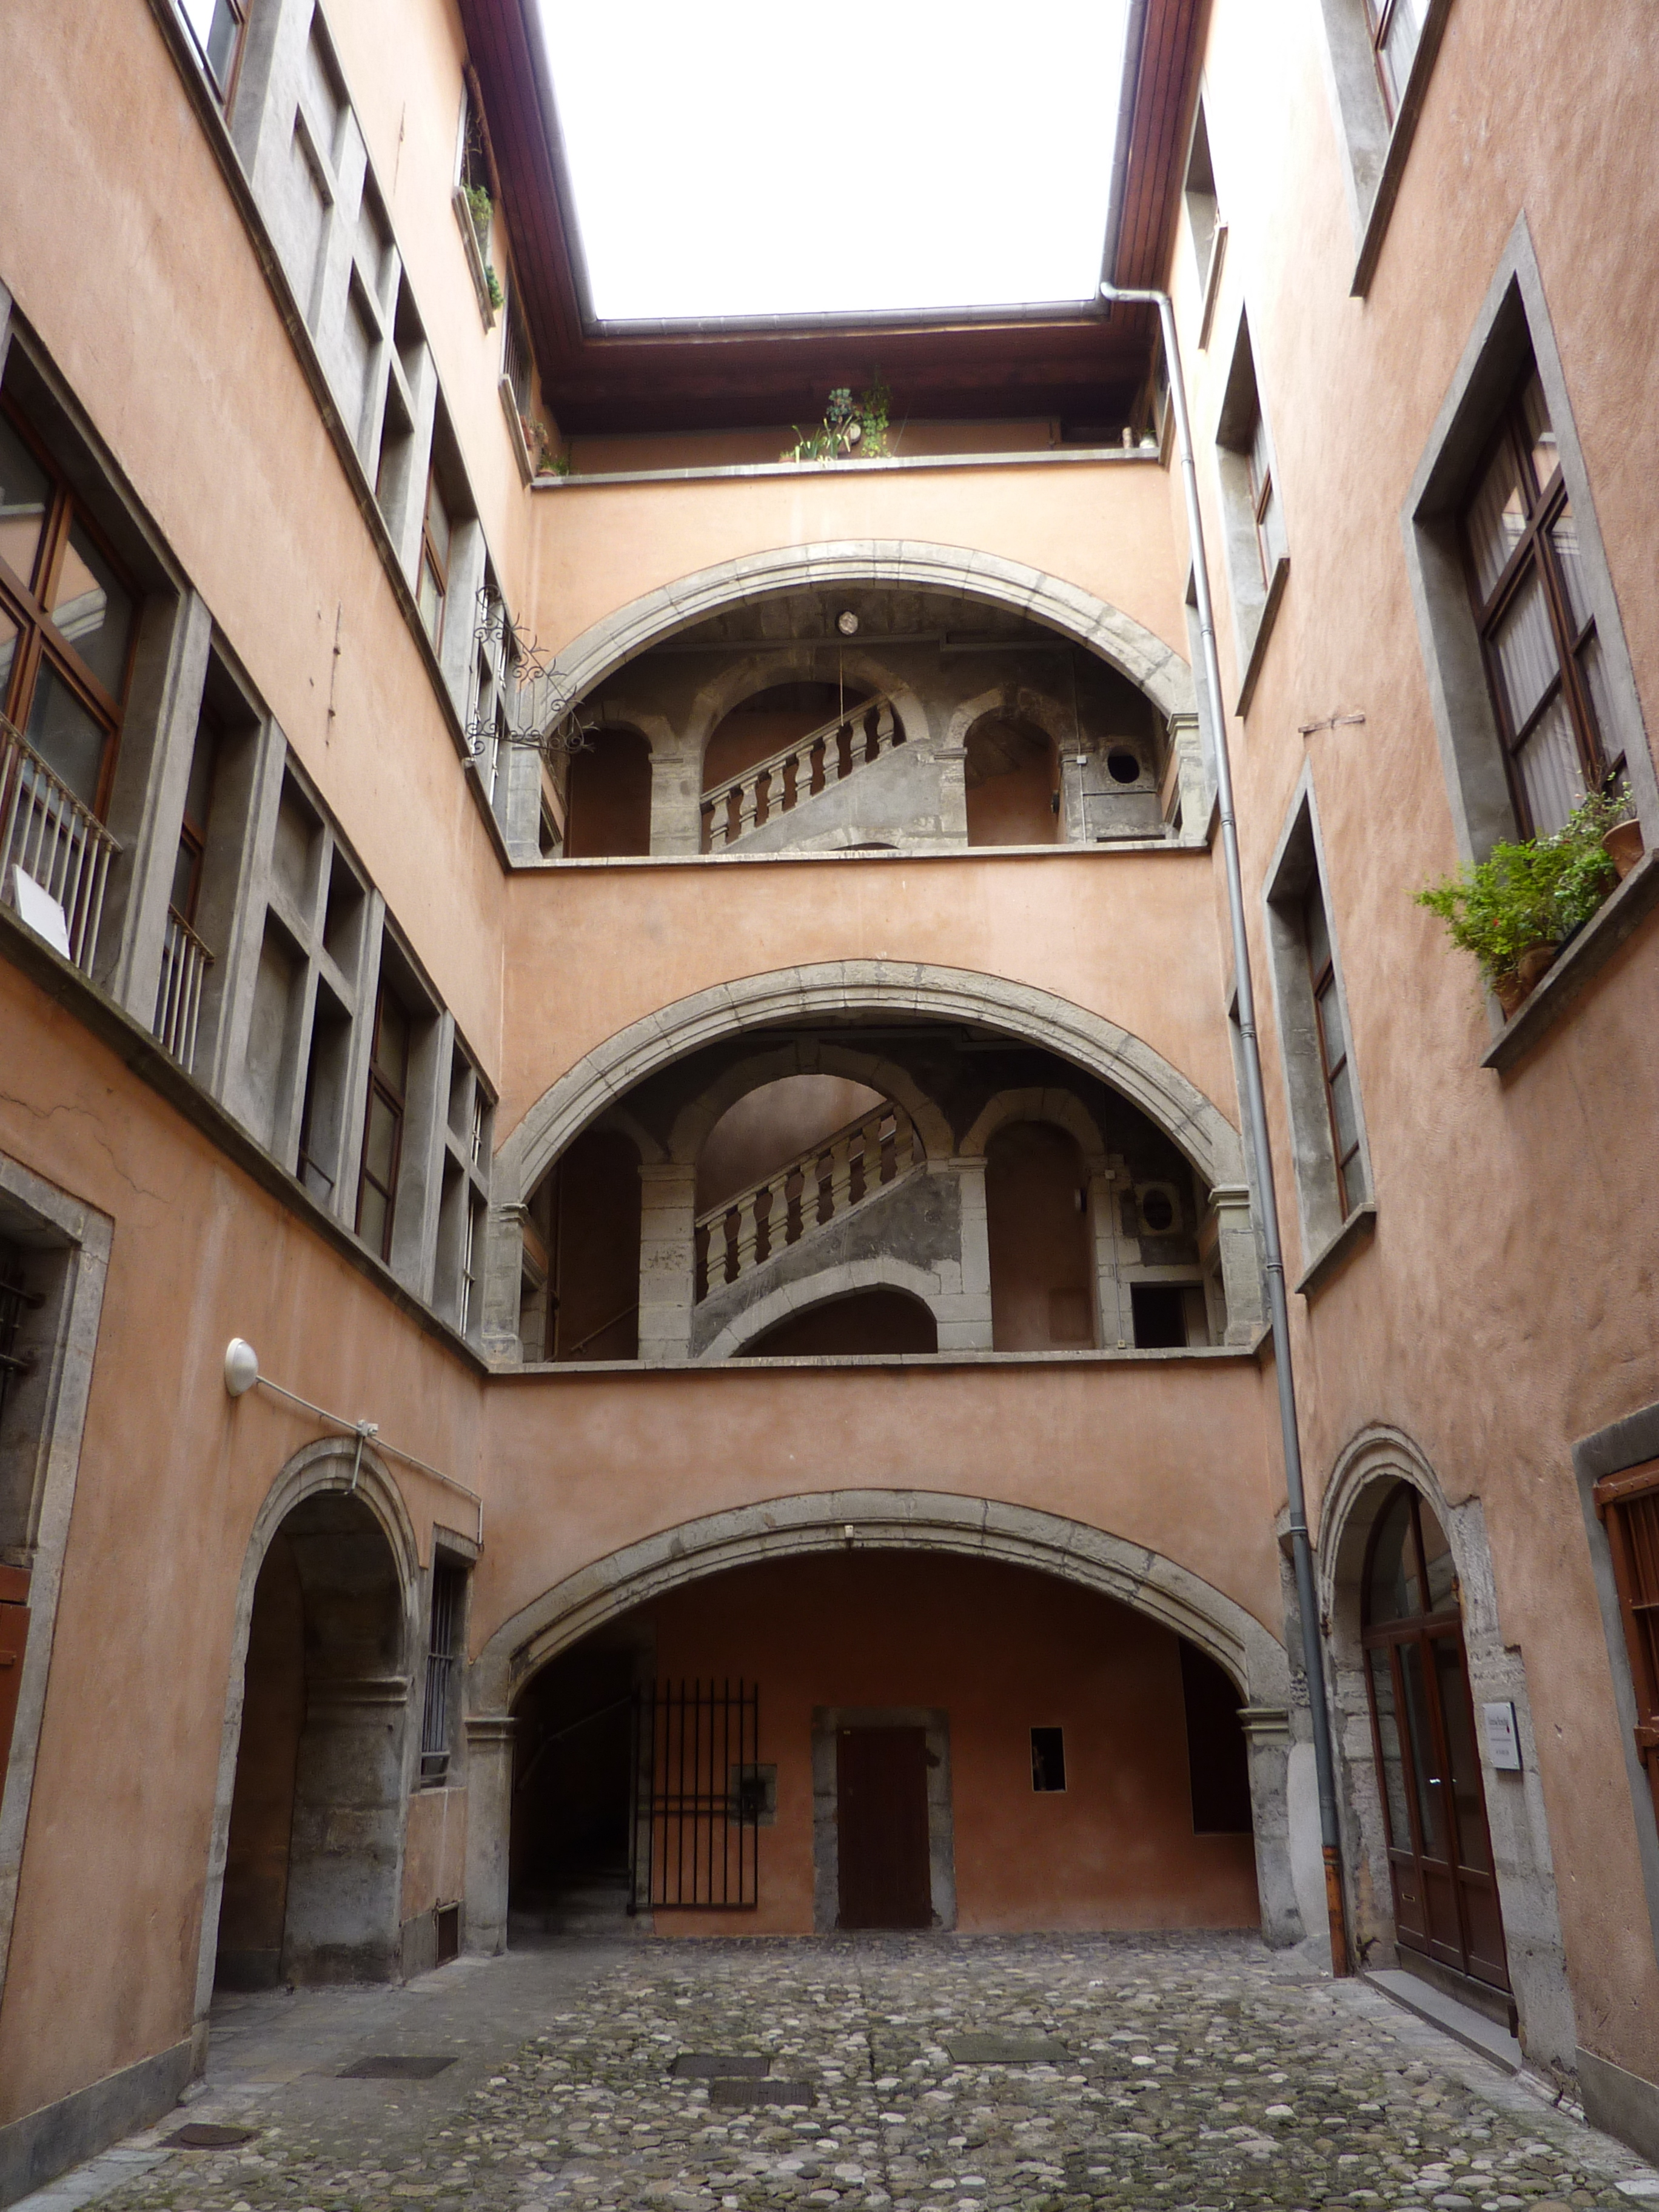 file fr grenoble maison de vaucanson courtyard jpg wikimedia commons